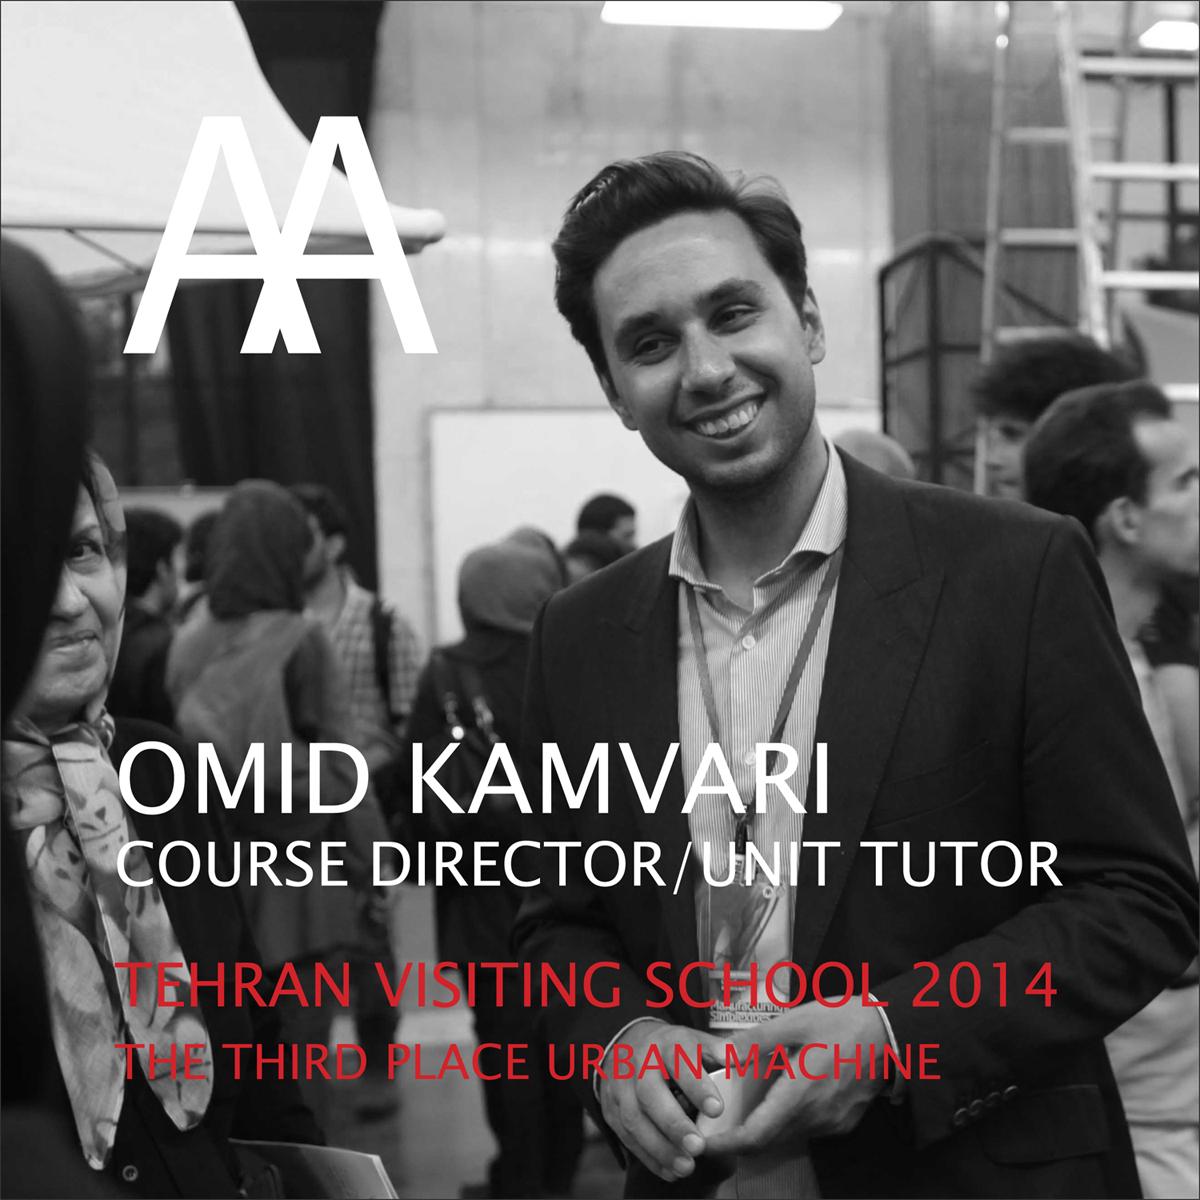 OMID KAMVARI copy